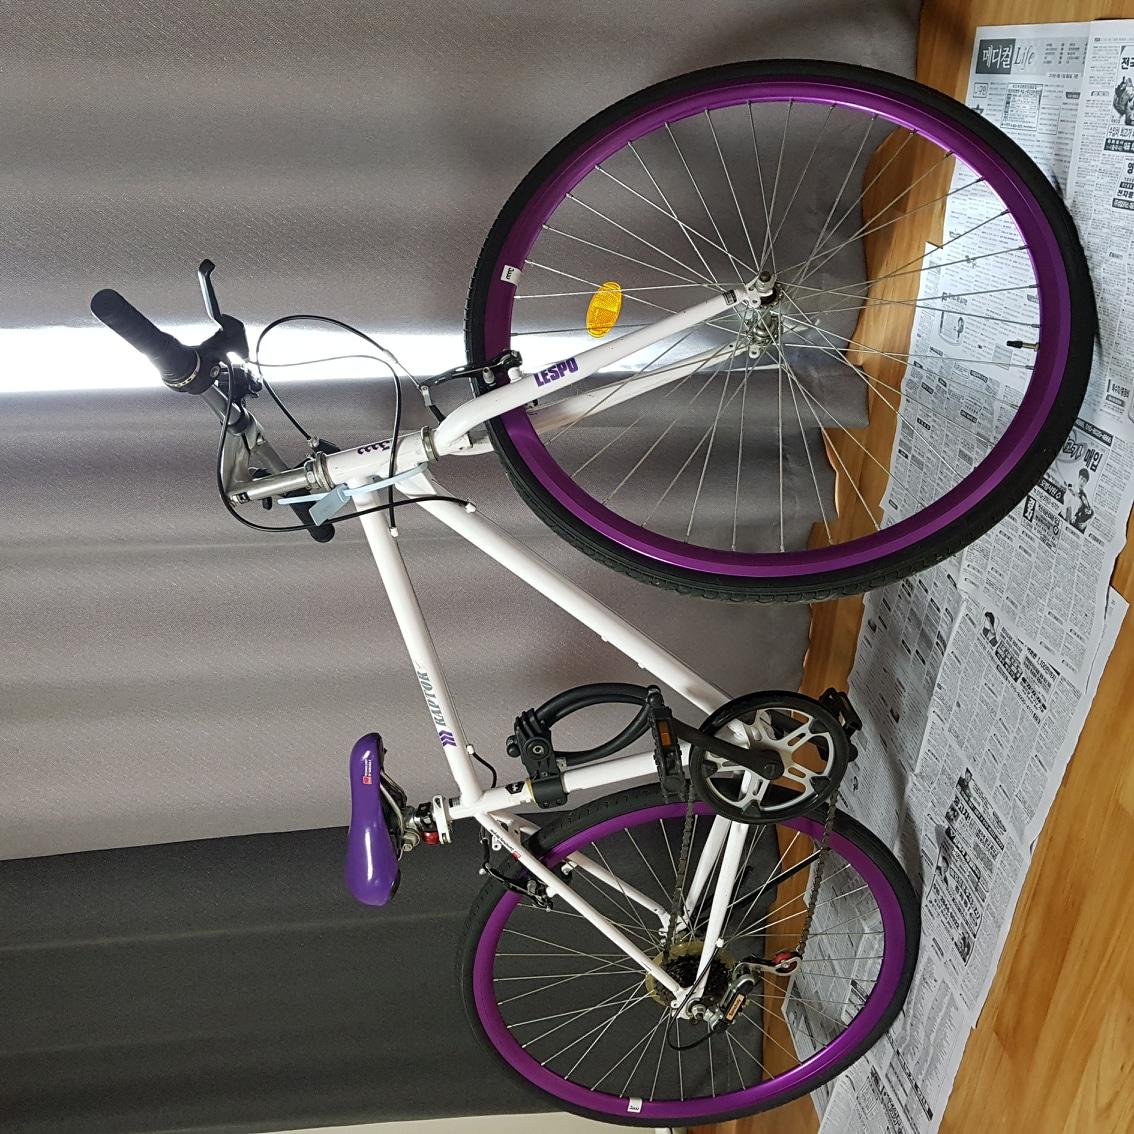 삼천리 하이브리드 랩터 자전거